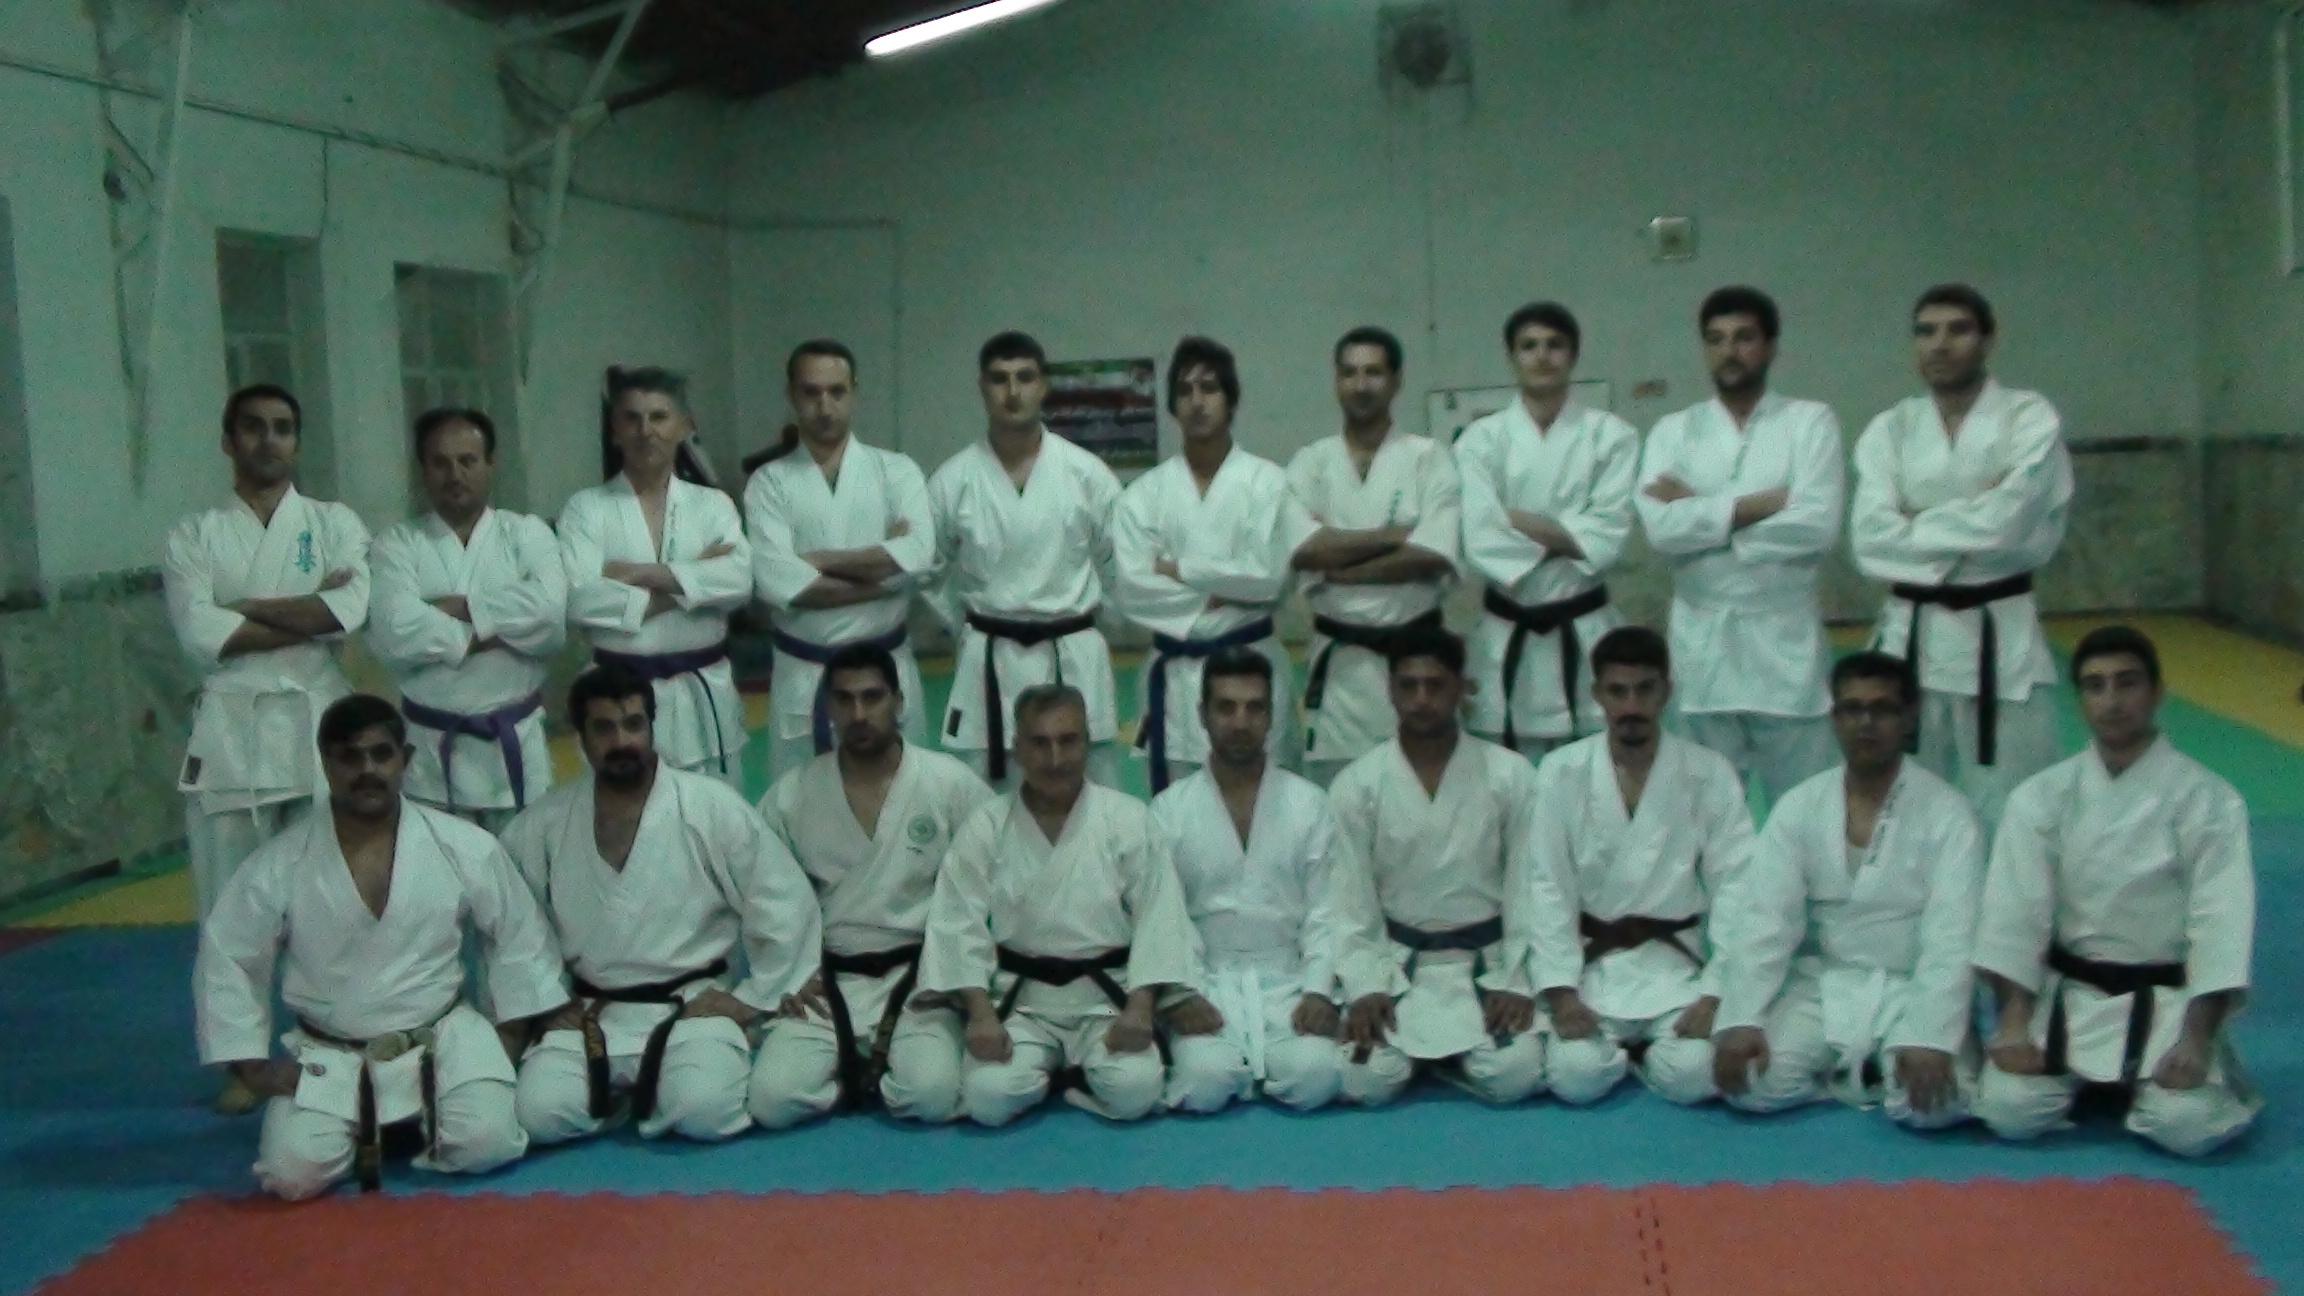 عکسهای نوشته کاراته شوتوکان کاراته اسلام آباد غرب - کلاس کاراته پیشکسوتان و ...